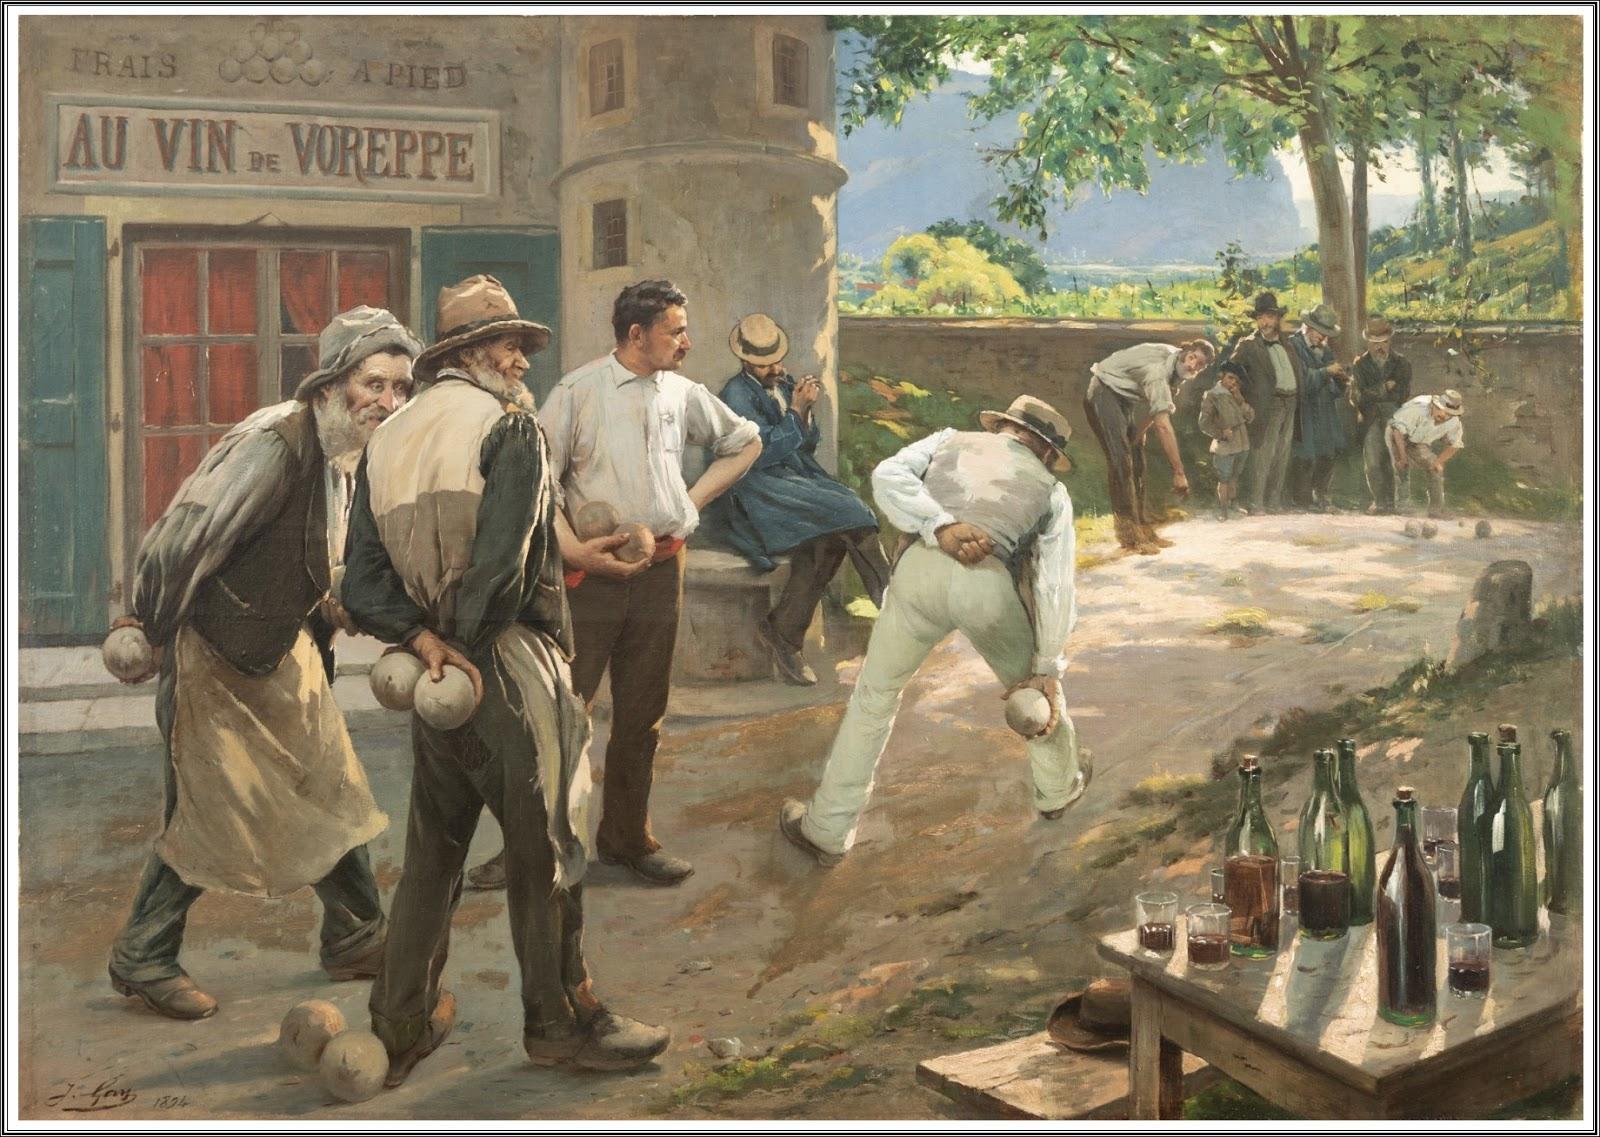 zarte Farben suche nach dem besten außergewöhnliche Auswahl an Stilen und Farben Le Prince Lointain: Jacques Gay (1851-1925), Au vin de ...